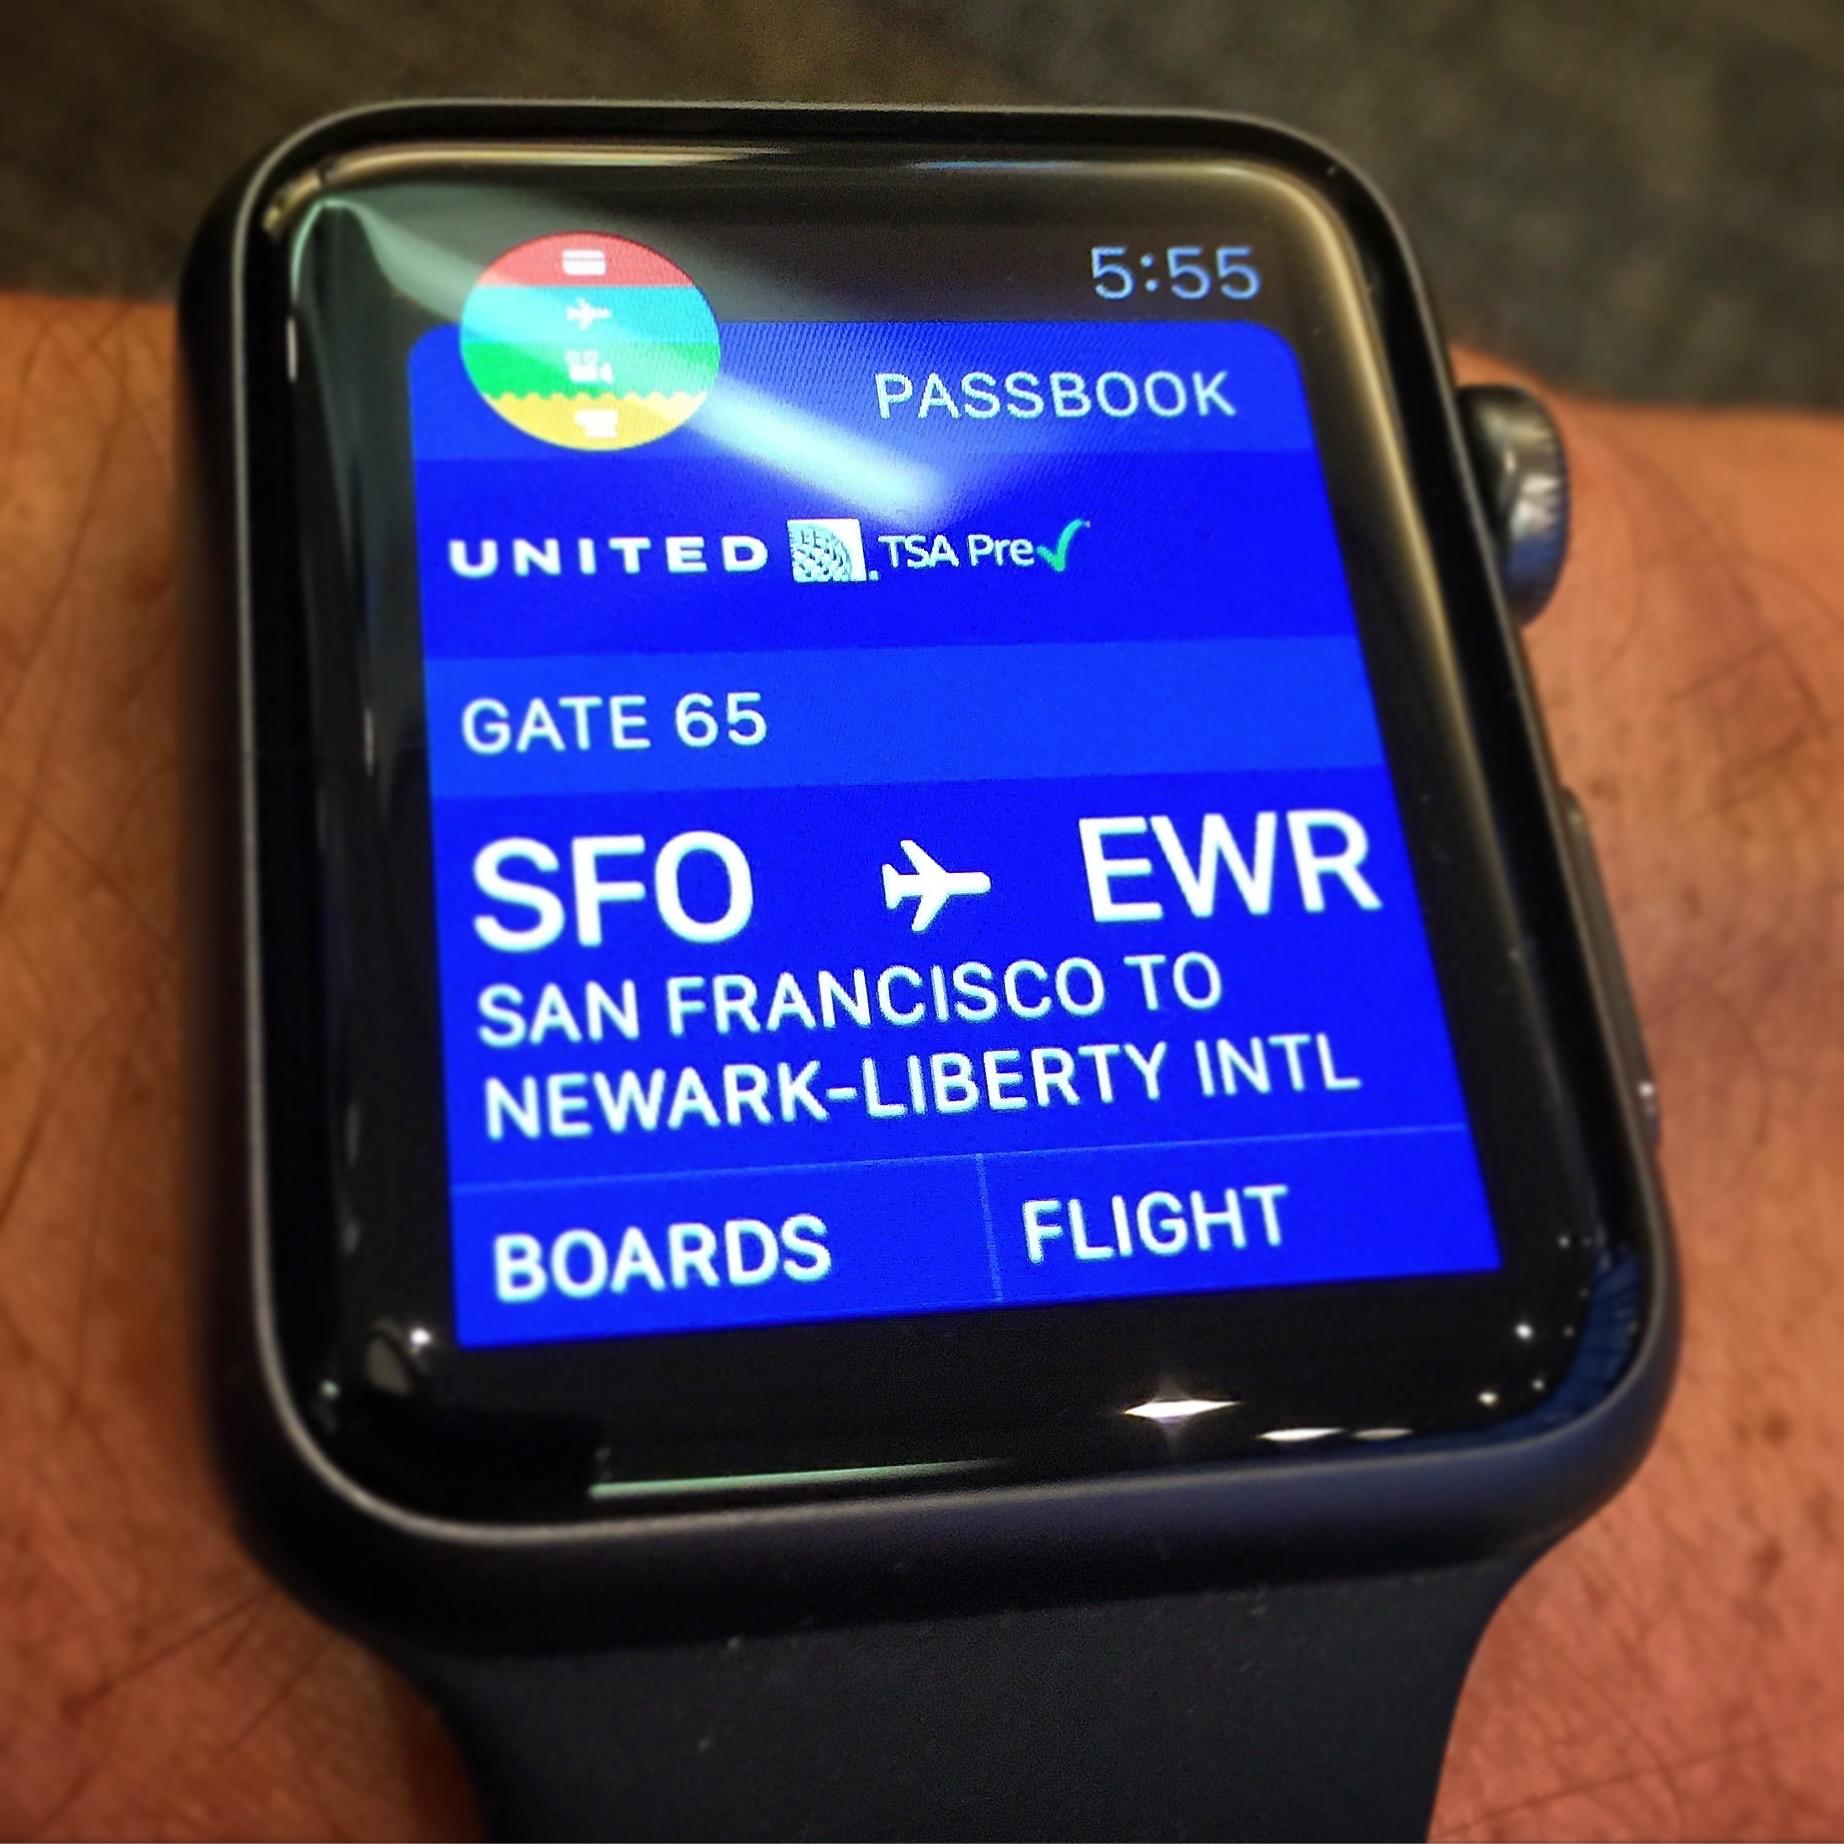 Apple Watch: Passbook